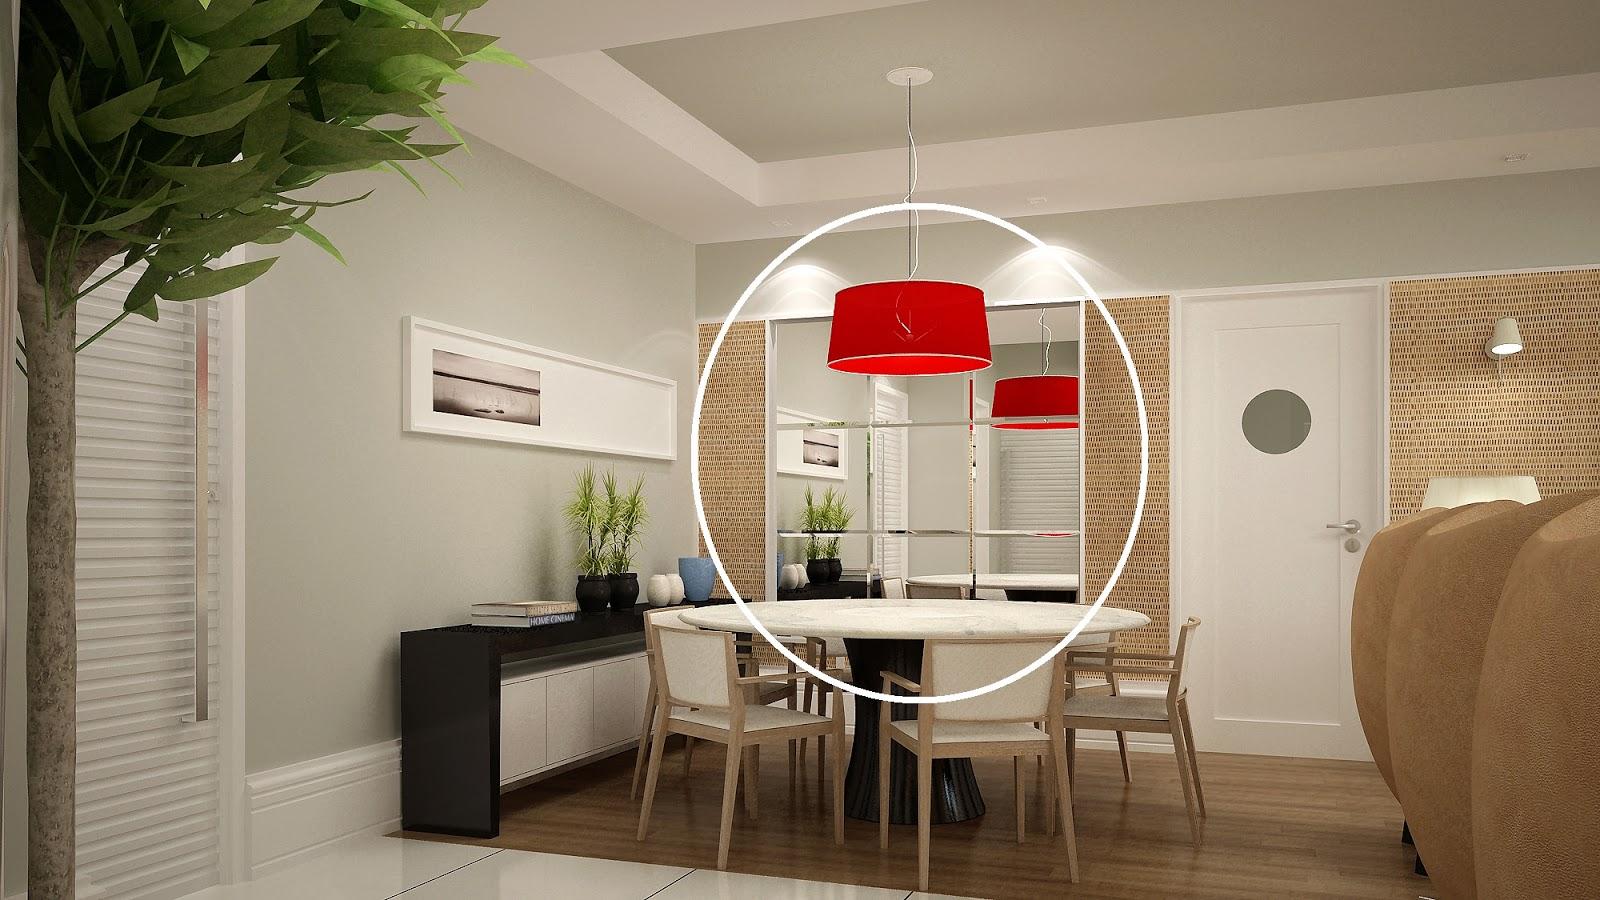 #C10B0A  A8: Planta base modificando paredes e inserindo hachuras ~ AulasCAD 1600x900 píxeis em Decoração De Sala De Jantar Com Papel De Parede E Espelho